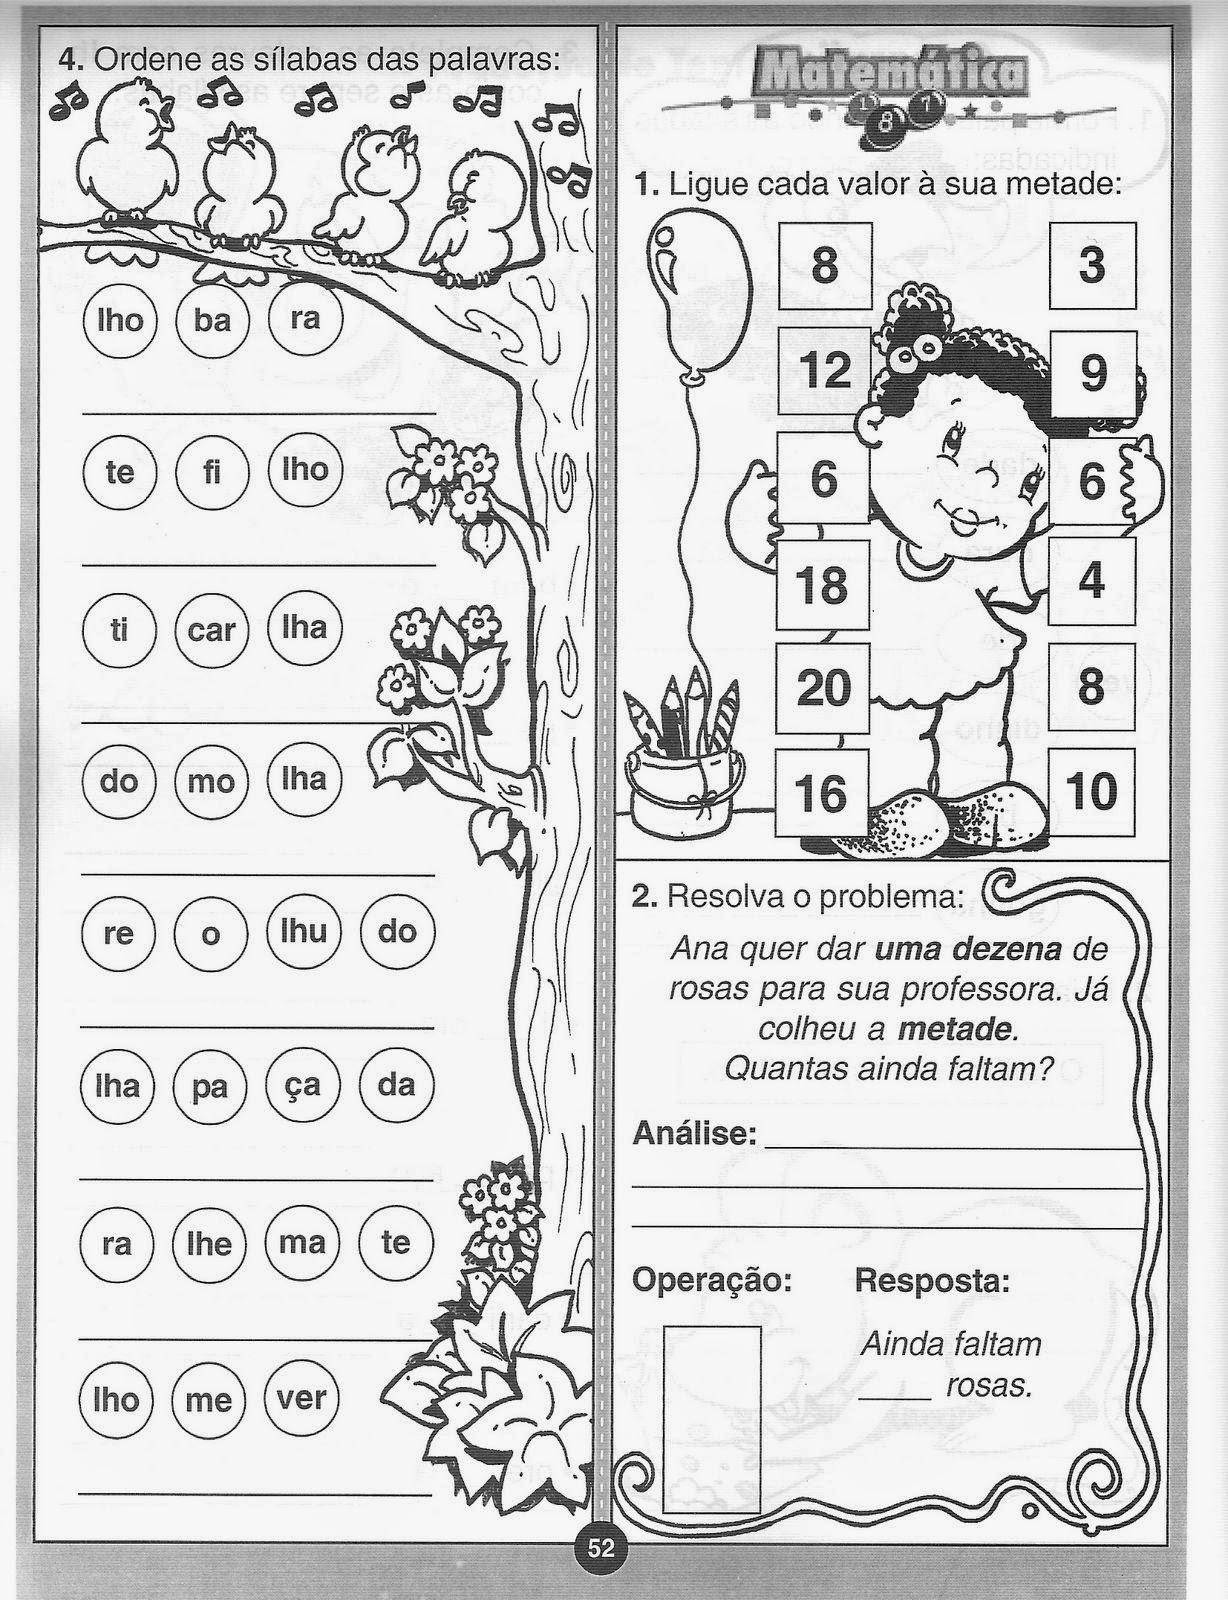 70 Atividades De Alfabetizacao Ed Infantil Pre Creche